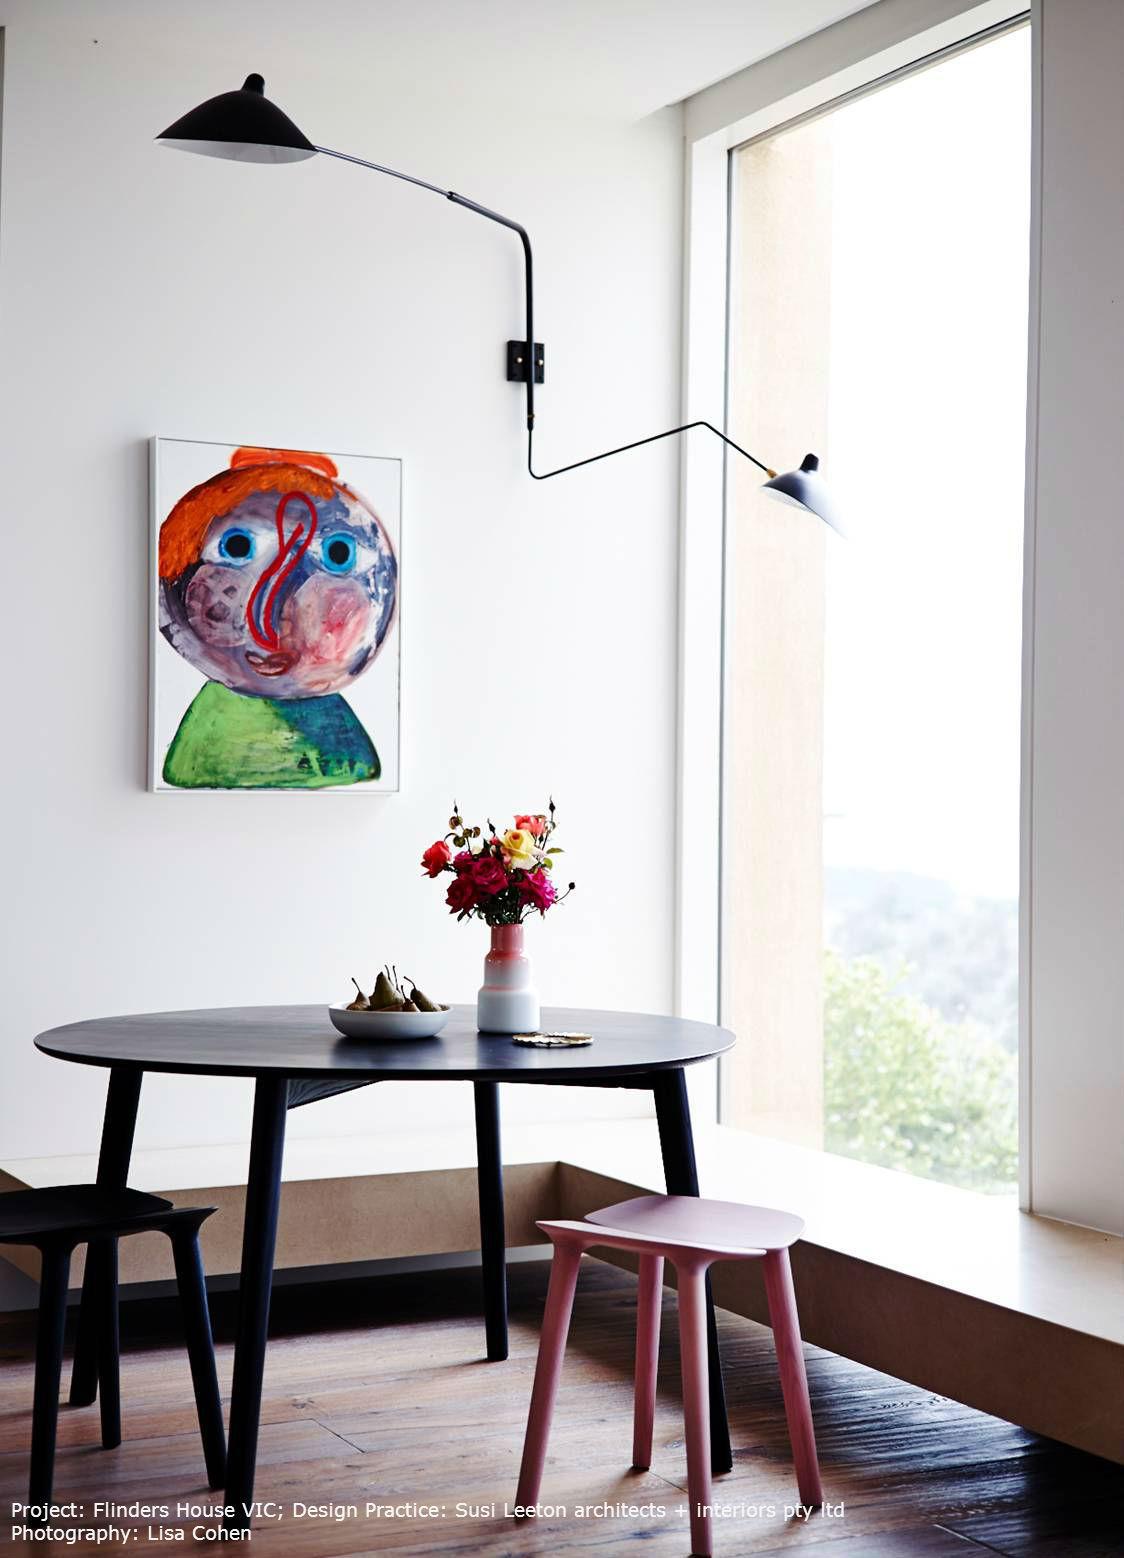 Jelanie blog - Flinders House by Susi Leeton Architects 2